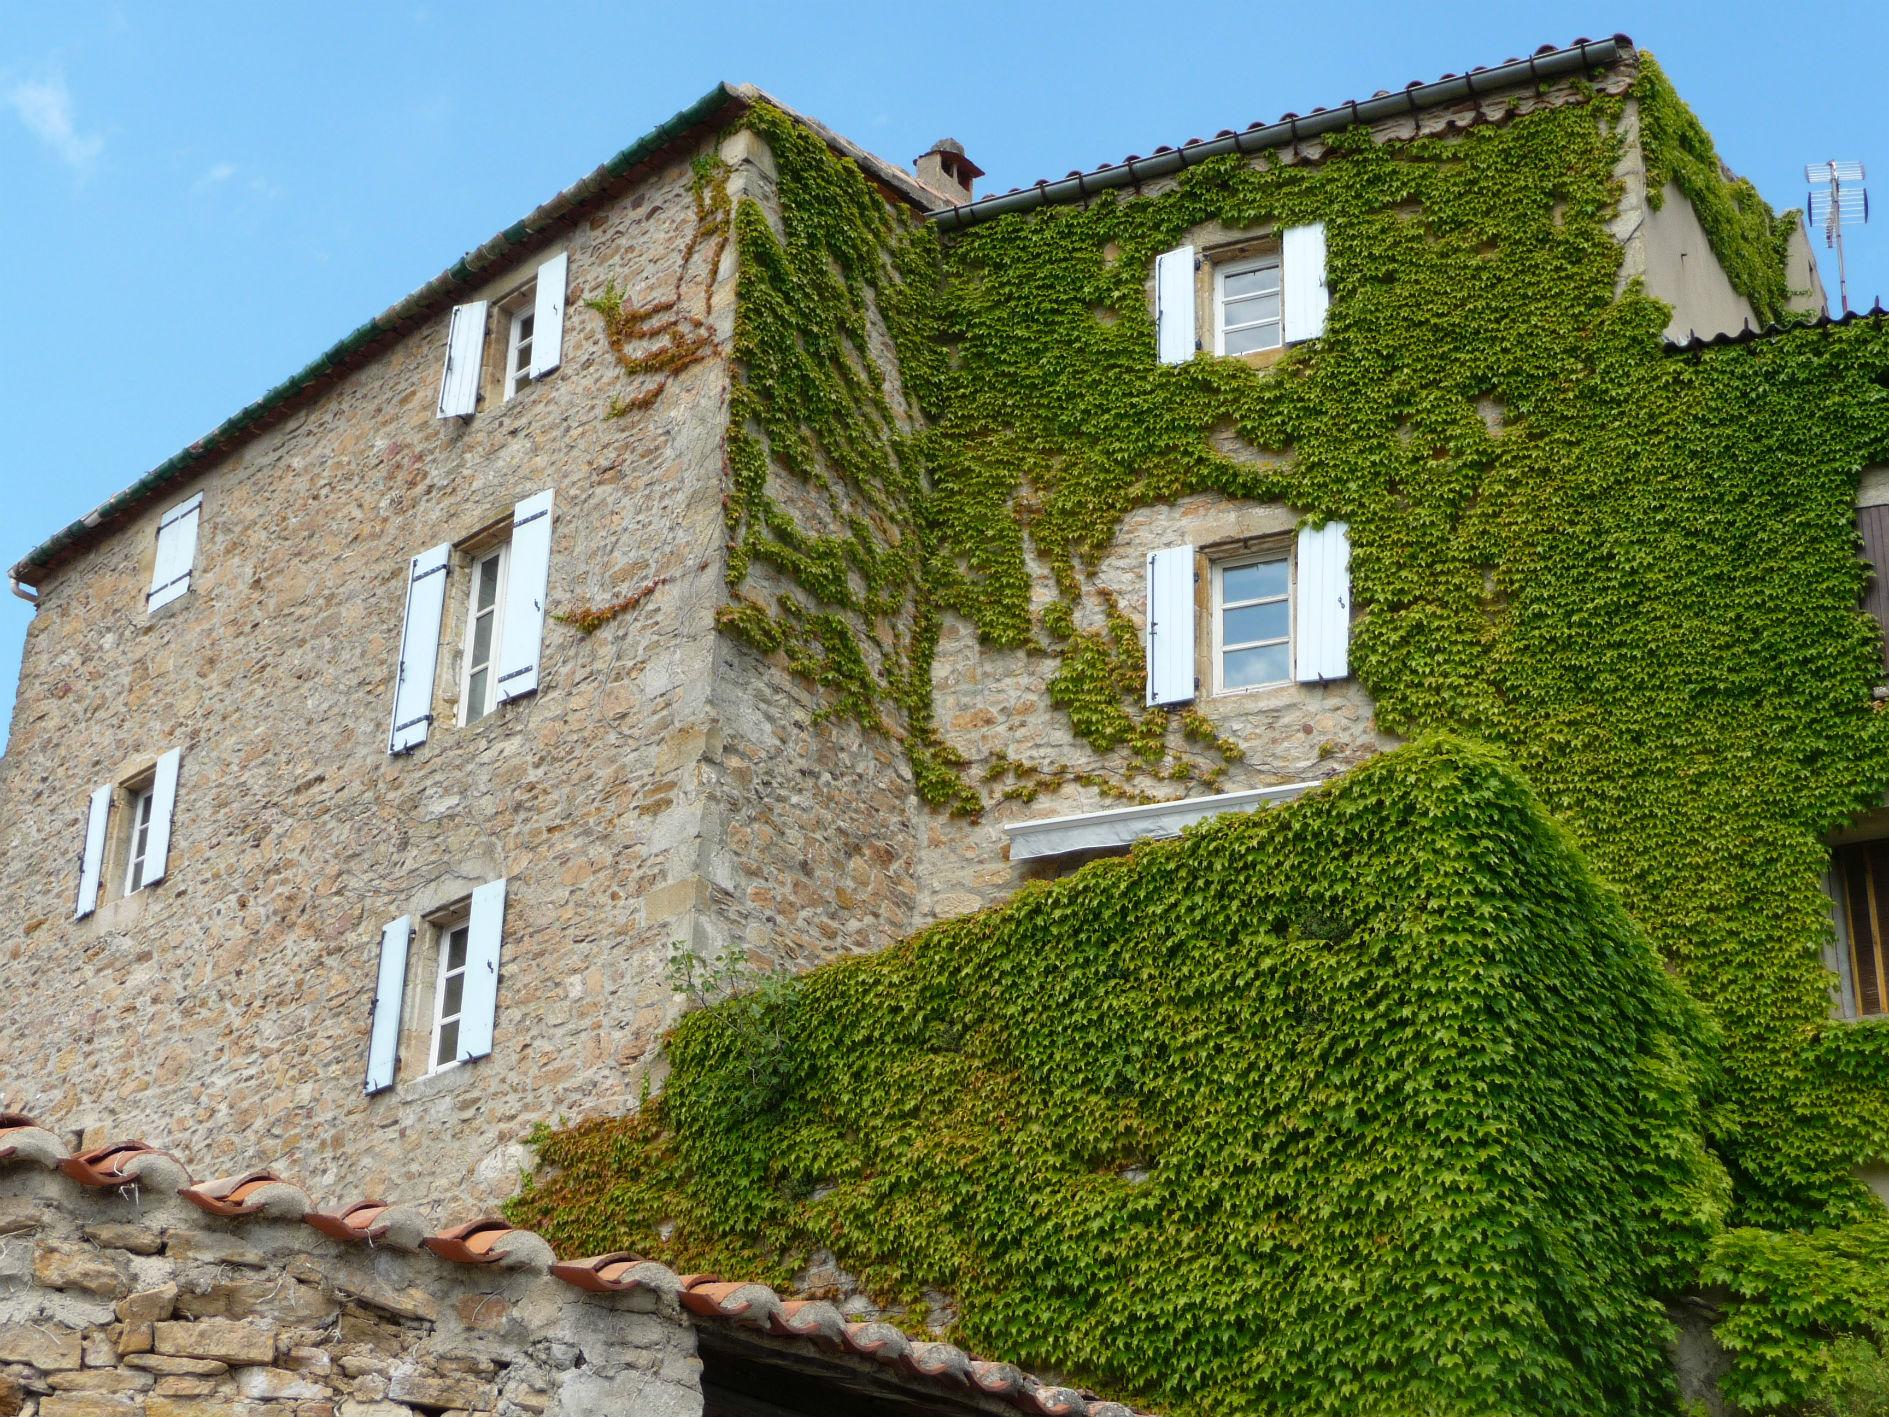 Chateau d'Olmet main house